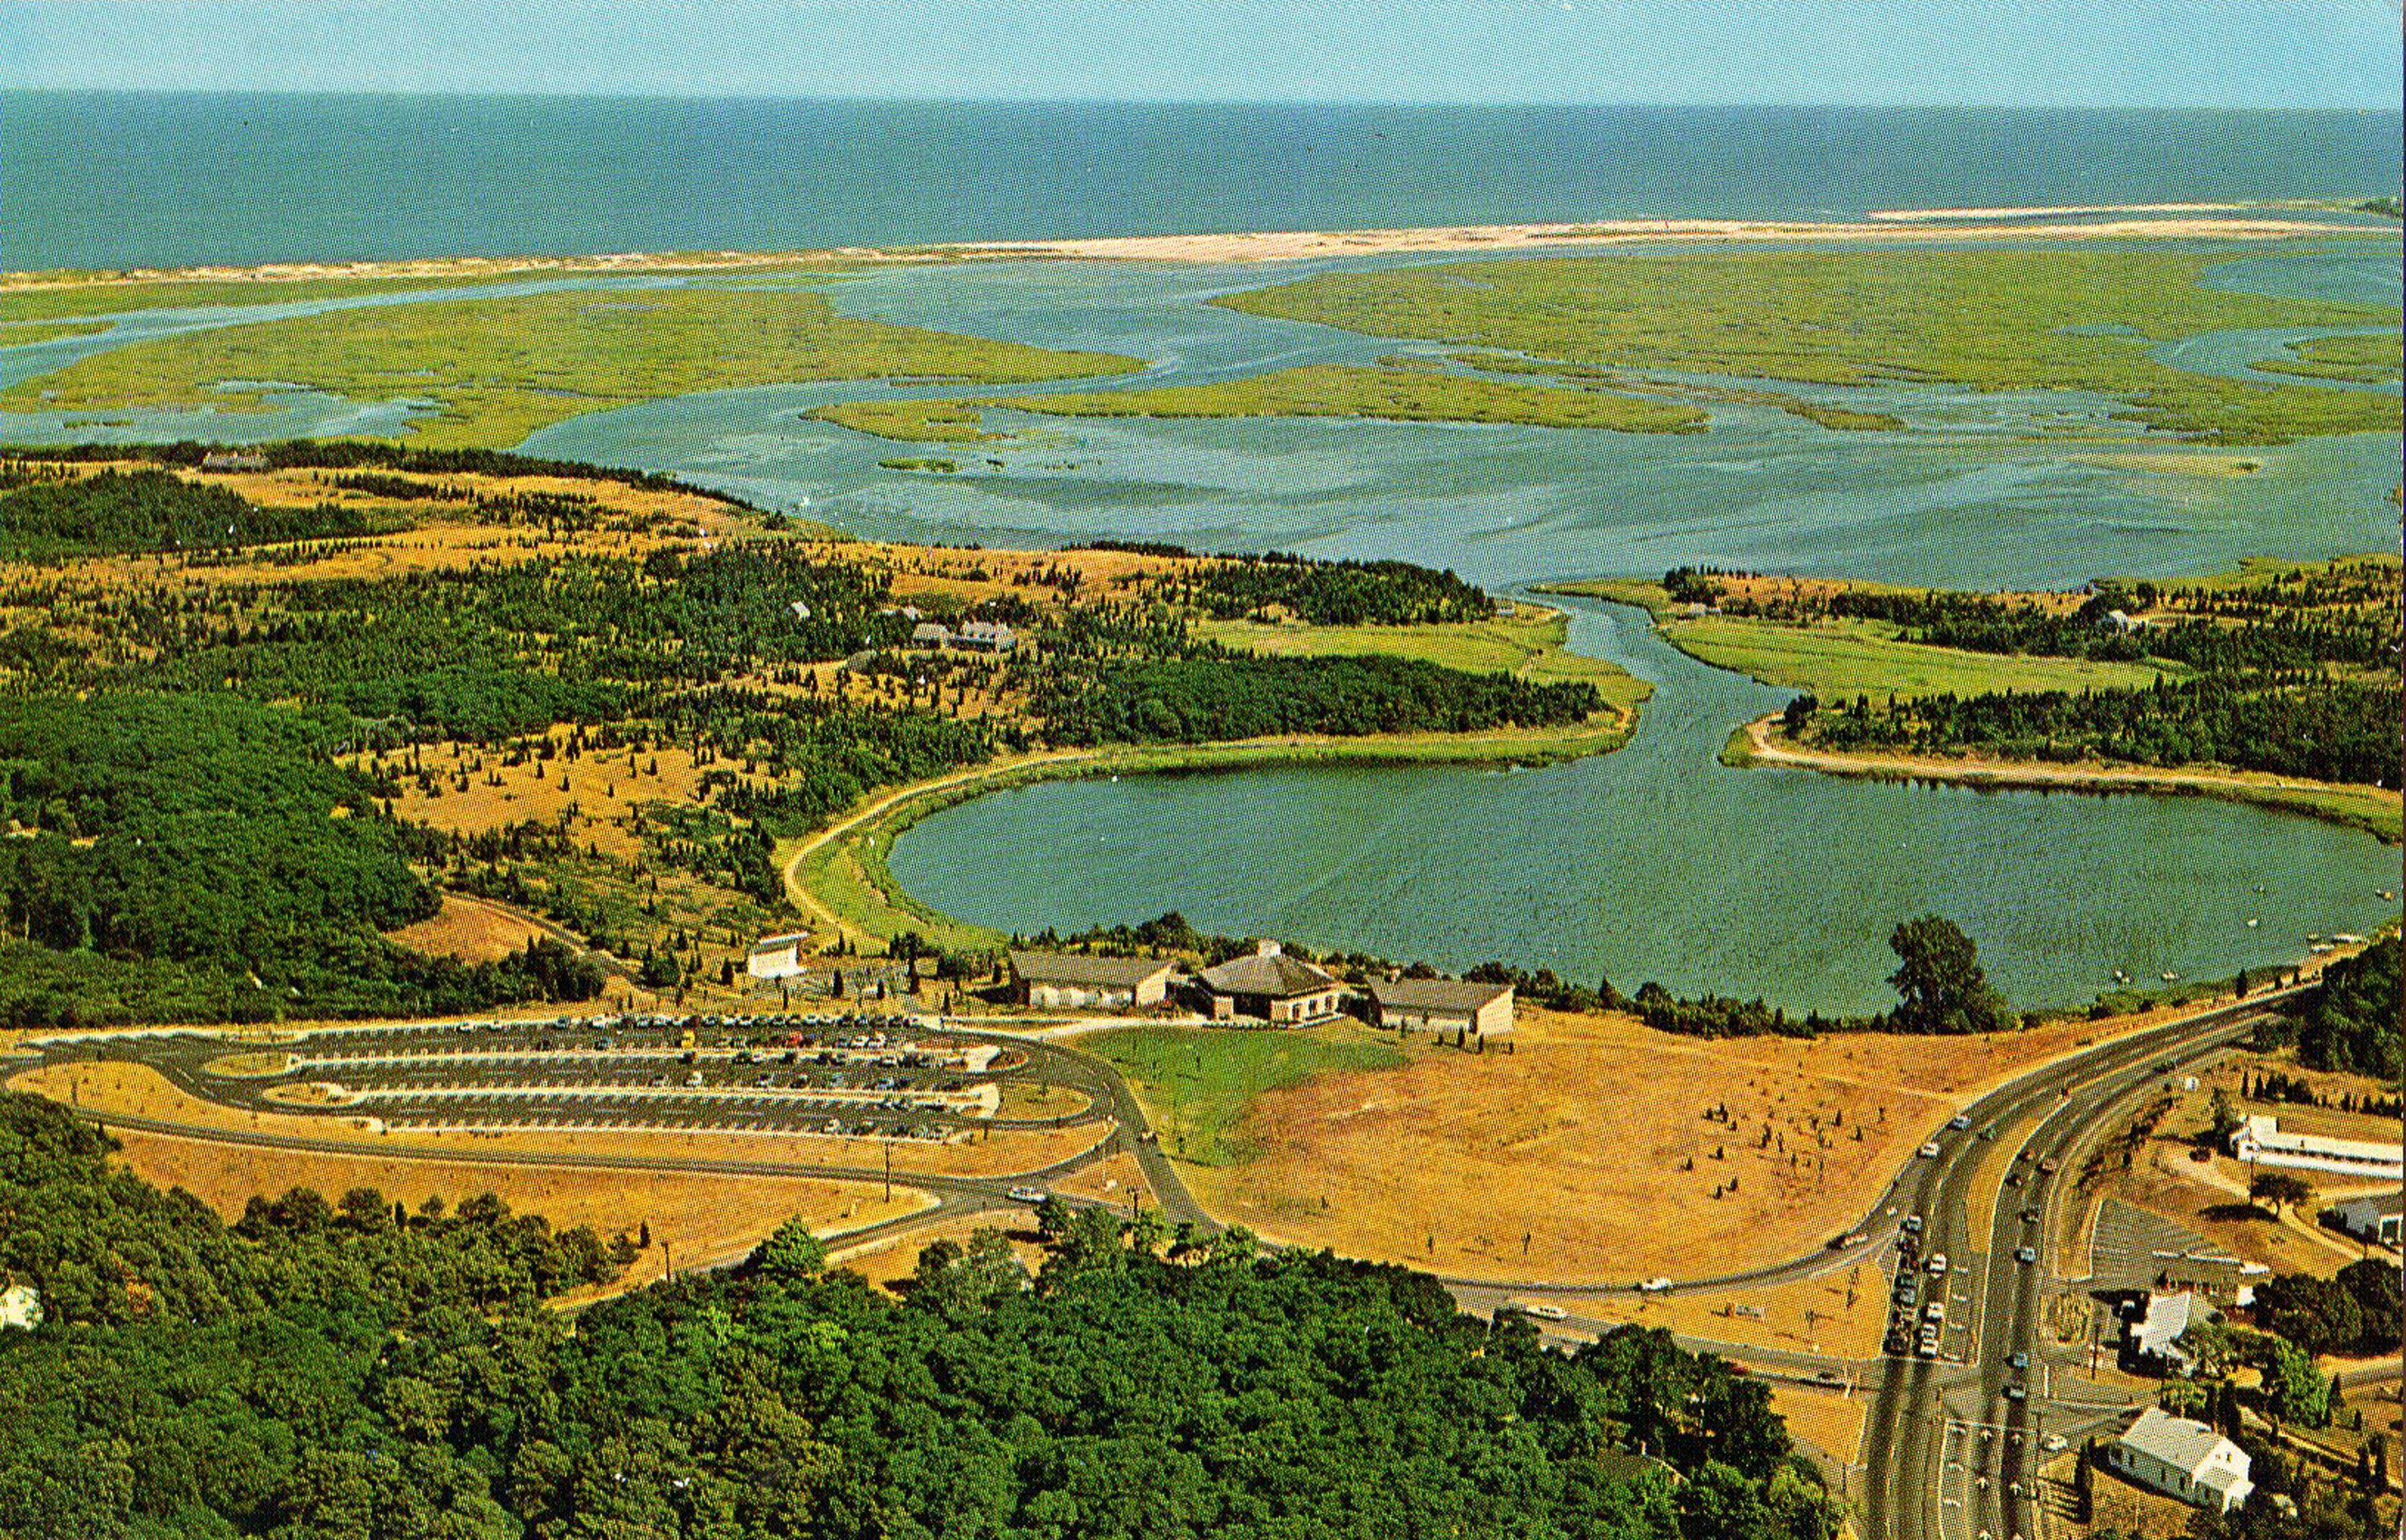 grande remise de 2019 choisir le dernier bonne qualité 1960's Cape Cod National Seashore aerial view of Salt Pond ...